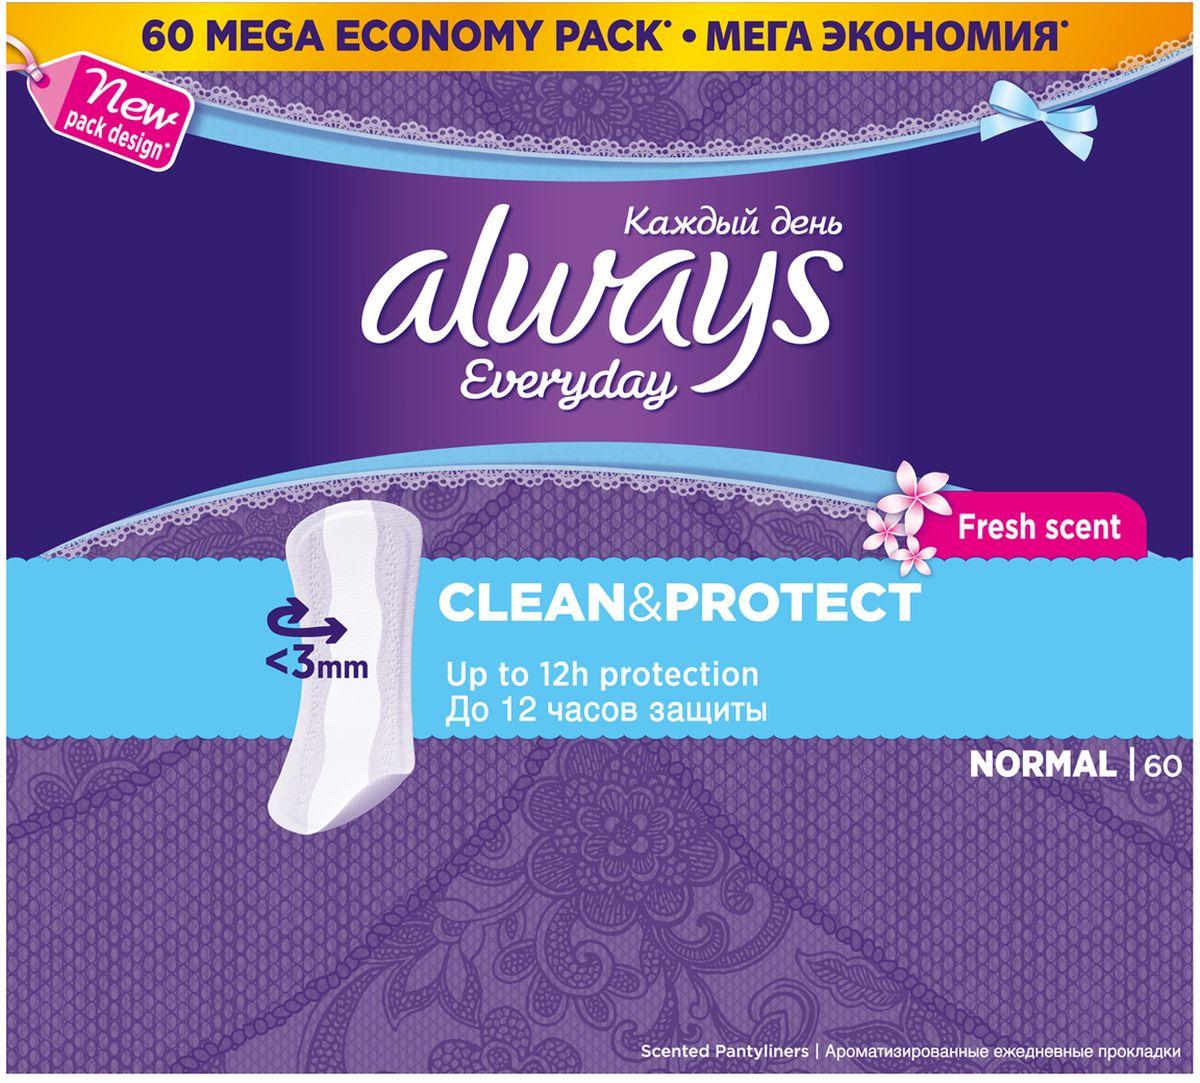 Always Ежедневные гигиенические прокладки Каждый день нормал ароматизированные Clean & Protect, 60 шт8001090431738Ежедневные прокладки Always обеспечивают до 12 часов защиты. Ежедневные прокладки Always Каждый день Clean & Protect помогут сохранить непревзойденную свежесть на протяжении всего дня. Защита до 12 часов. Технология нейтрализации запаха помогает поддерживать свежесть в течение всего дня. Верхний слой 2-в-1 обеспечивает ощущение мягкости и более быстрое впитывание. Пропускающая воздух структура надежно обеспечивает сухость. Нежный контакт с кожей, протестировано дерматологами. Свежий аромат.